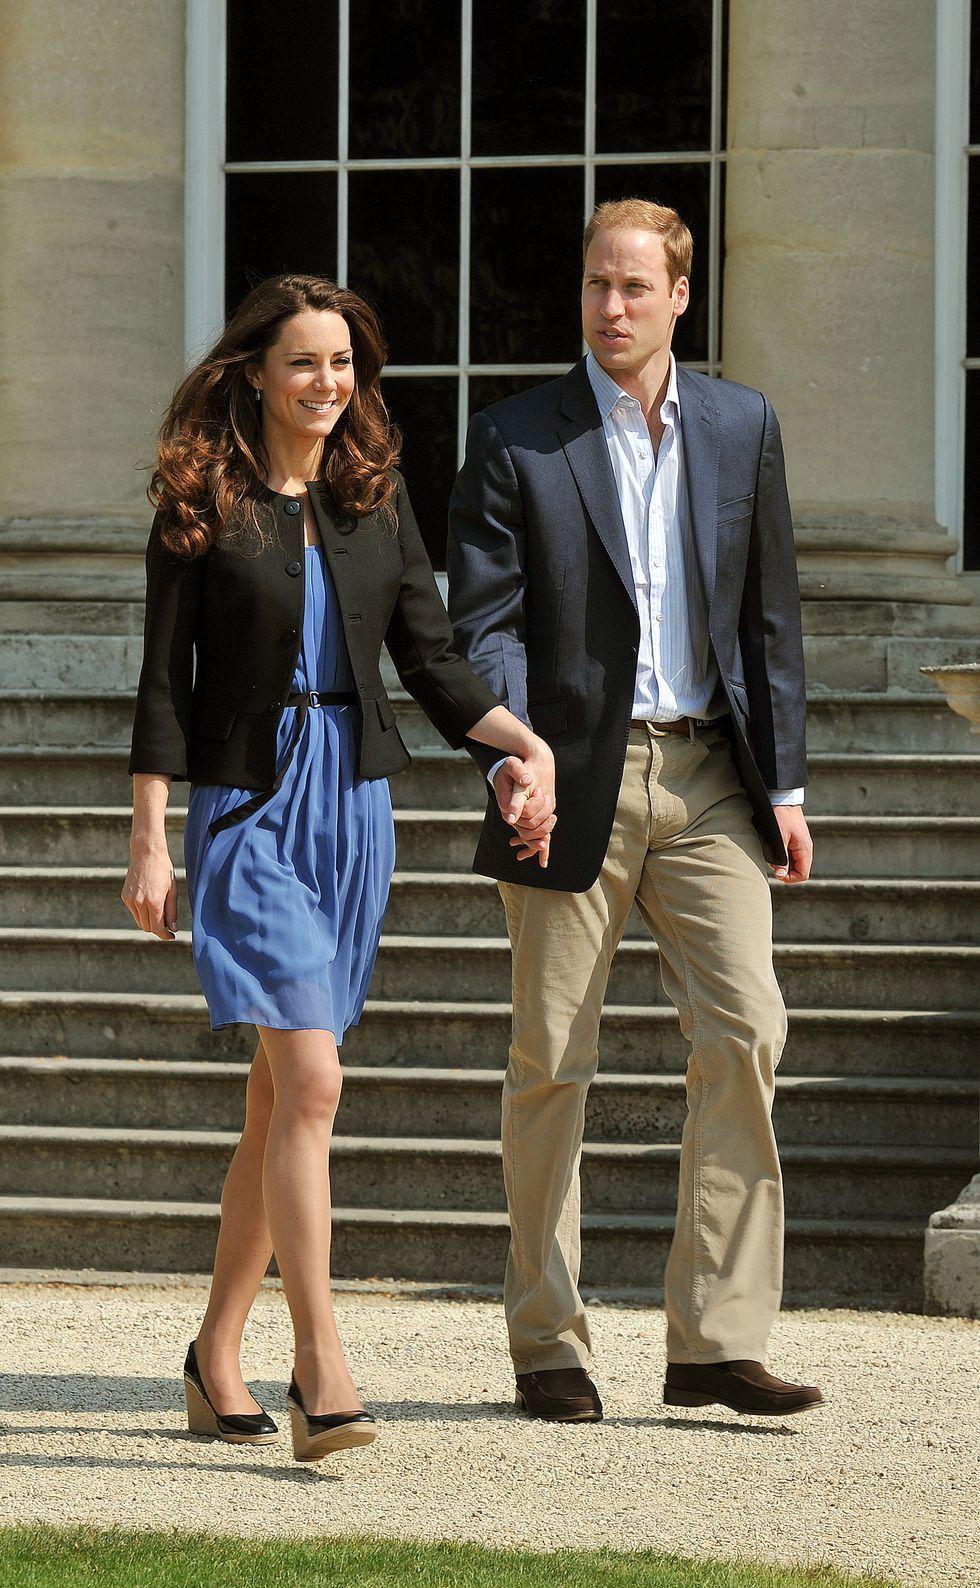 Kate Middleton wearing Zara